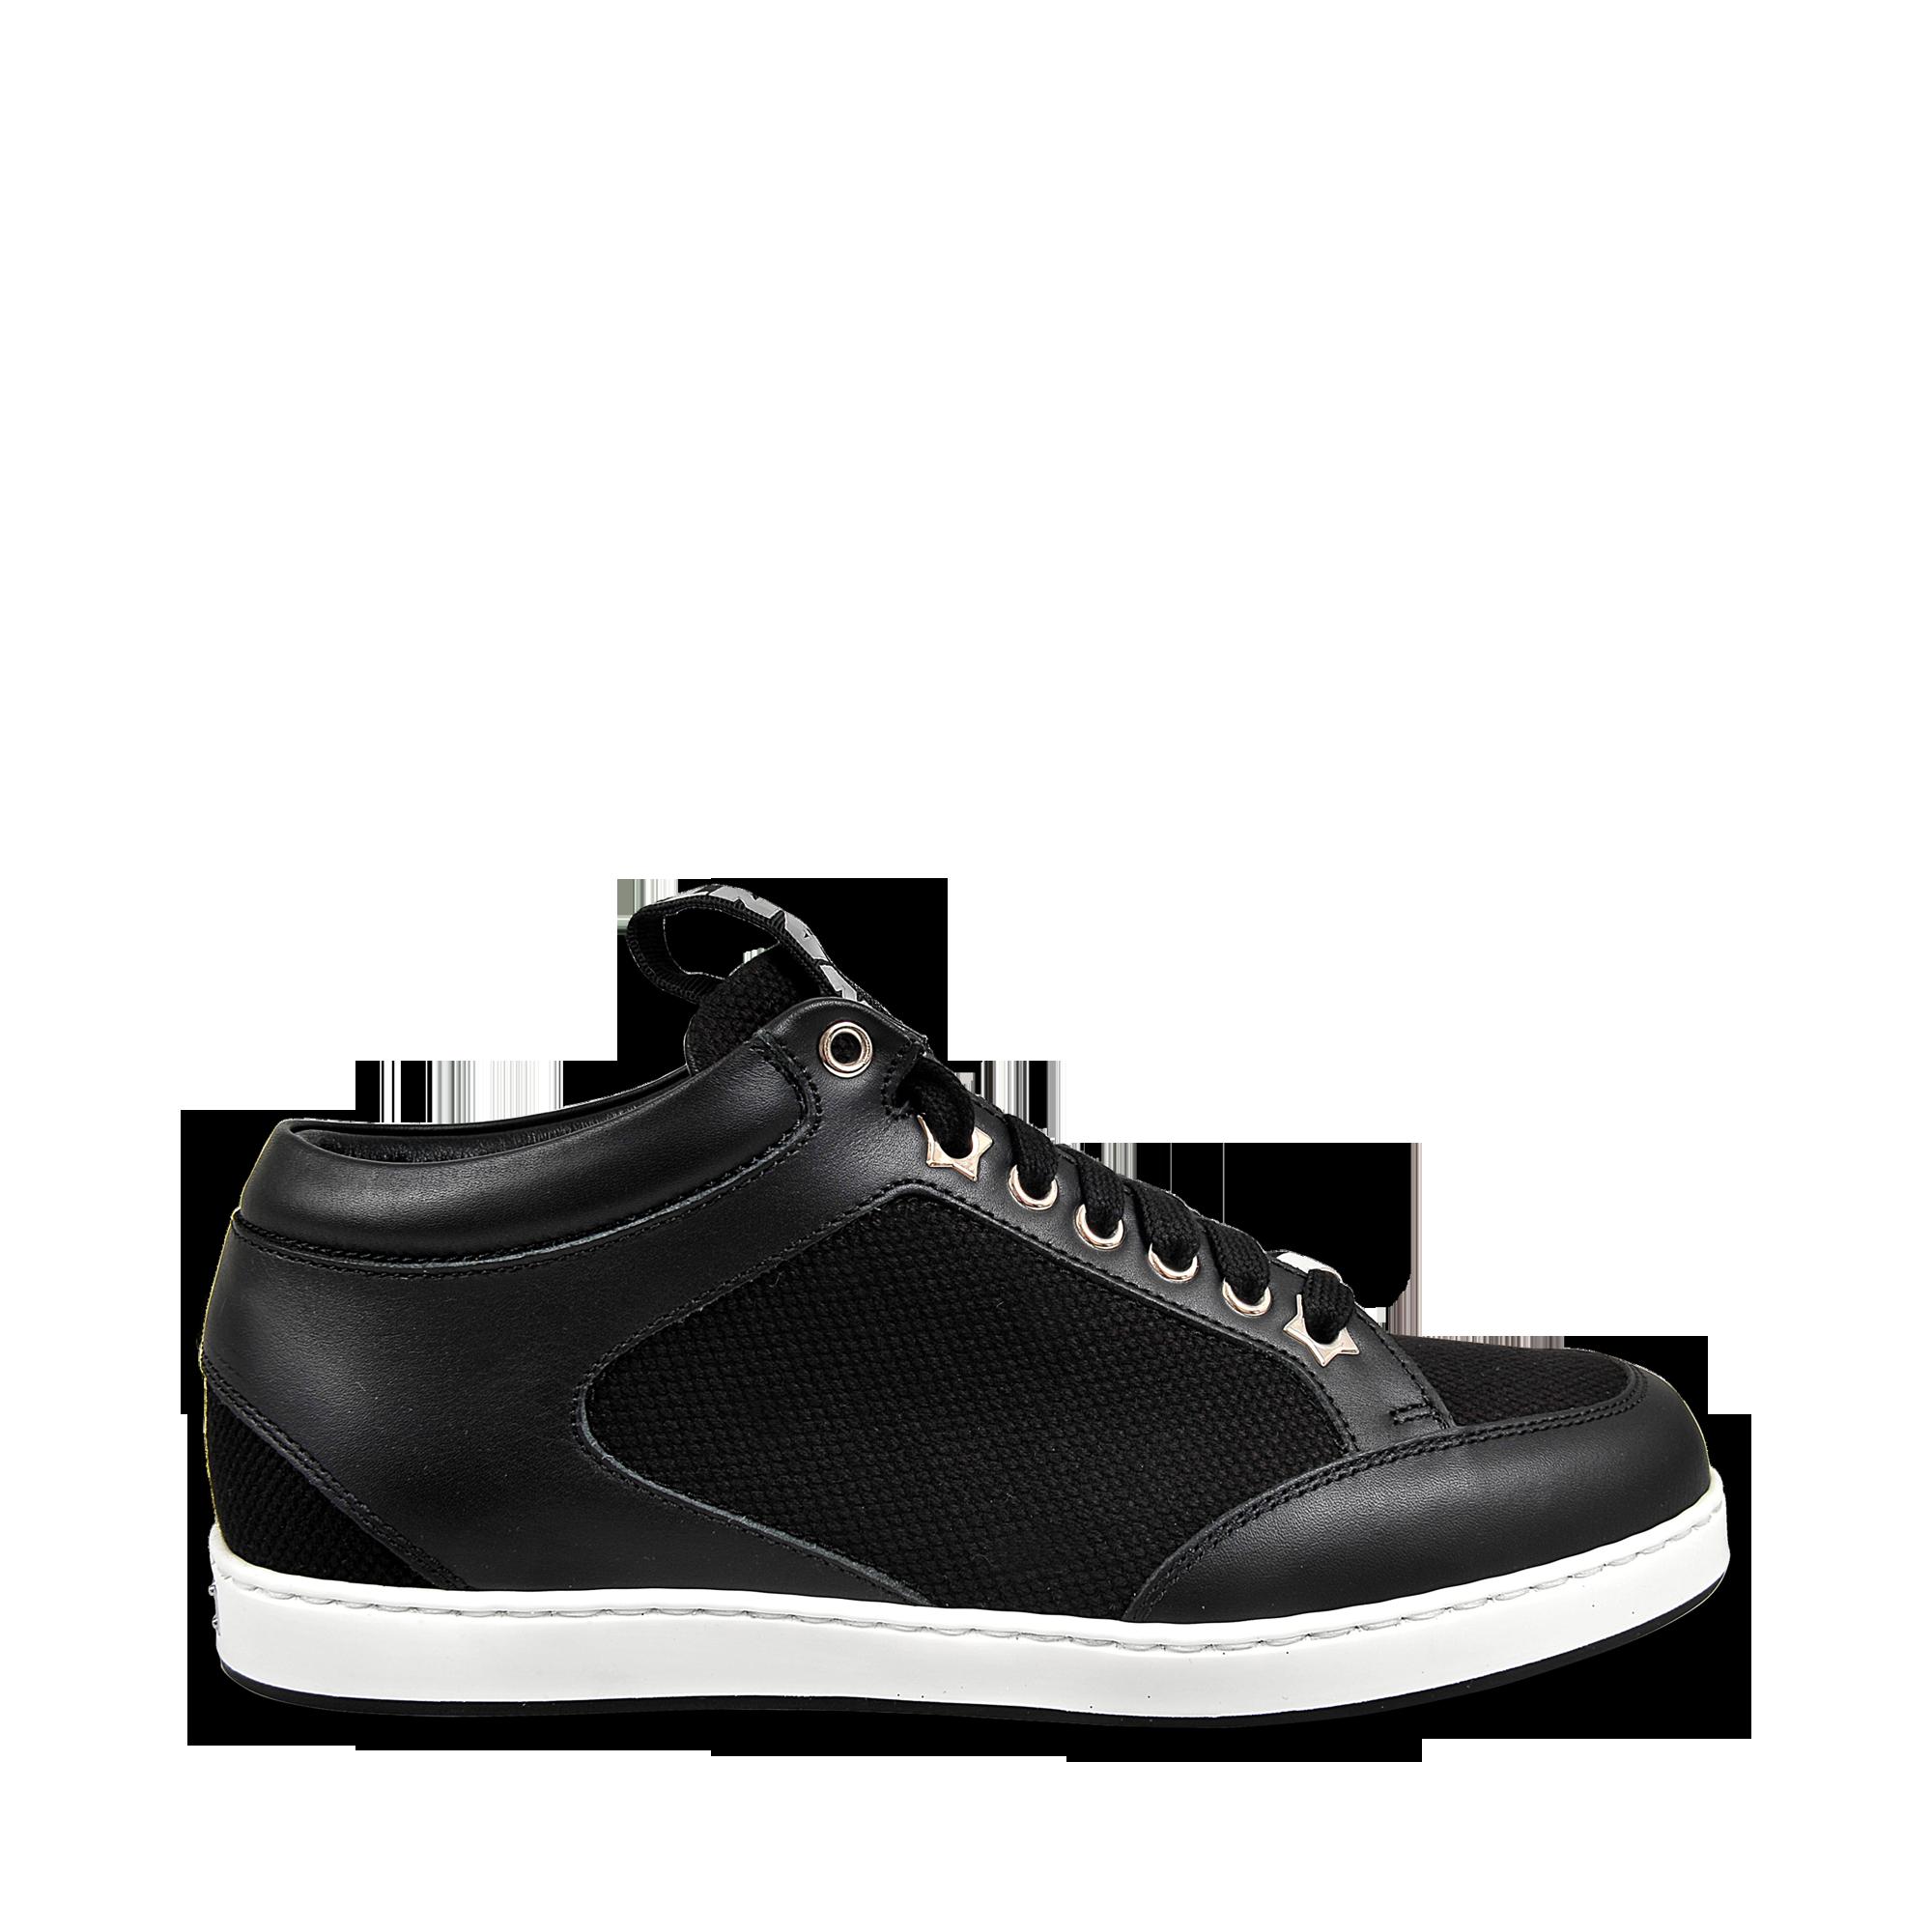 Miami Choo me sneakers Verkoop Lage Verzendkosten Korting Footlocker Finish HbfSFuwIa